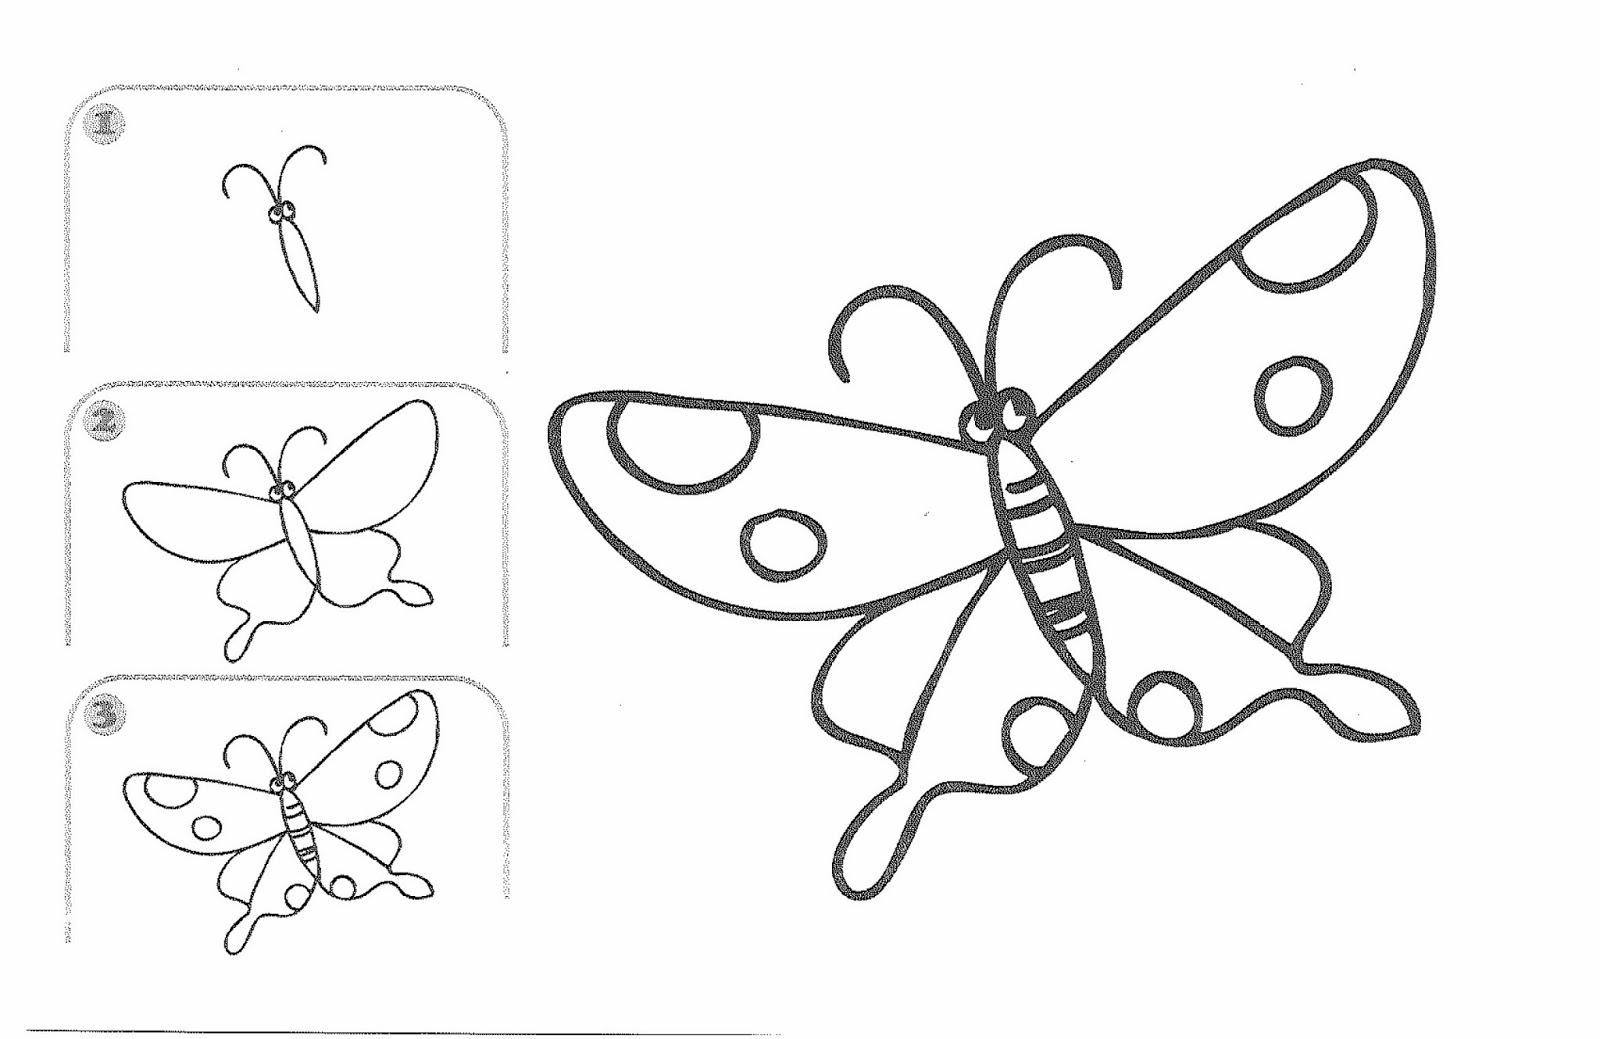 بالصور كيف تتعلم الرسم , موهبة الرسم وكيفية التعلم 369 2